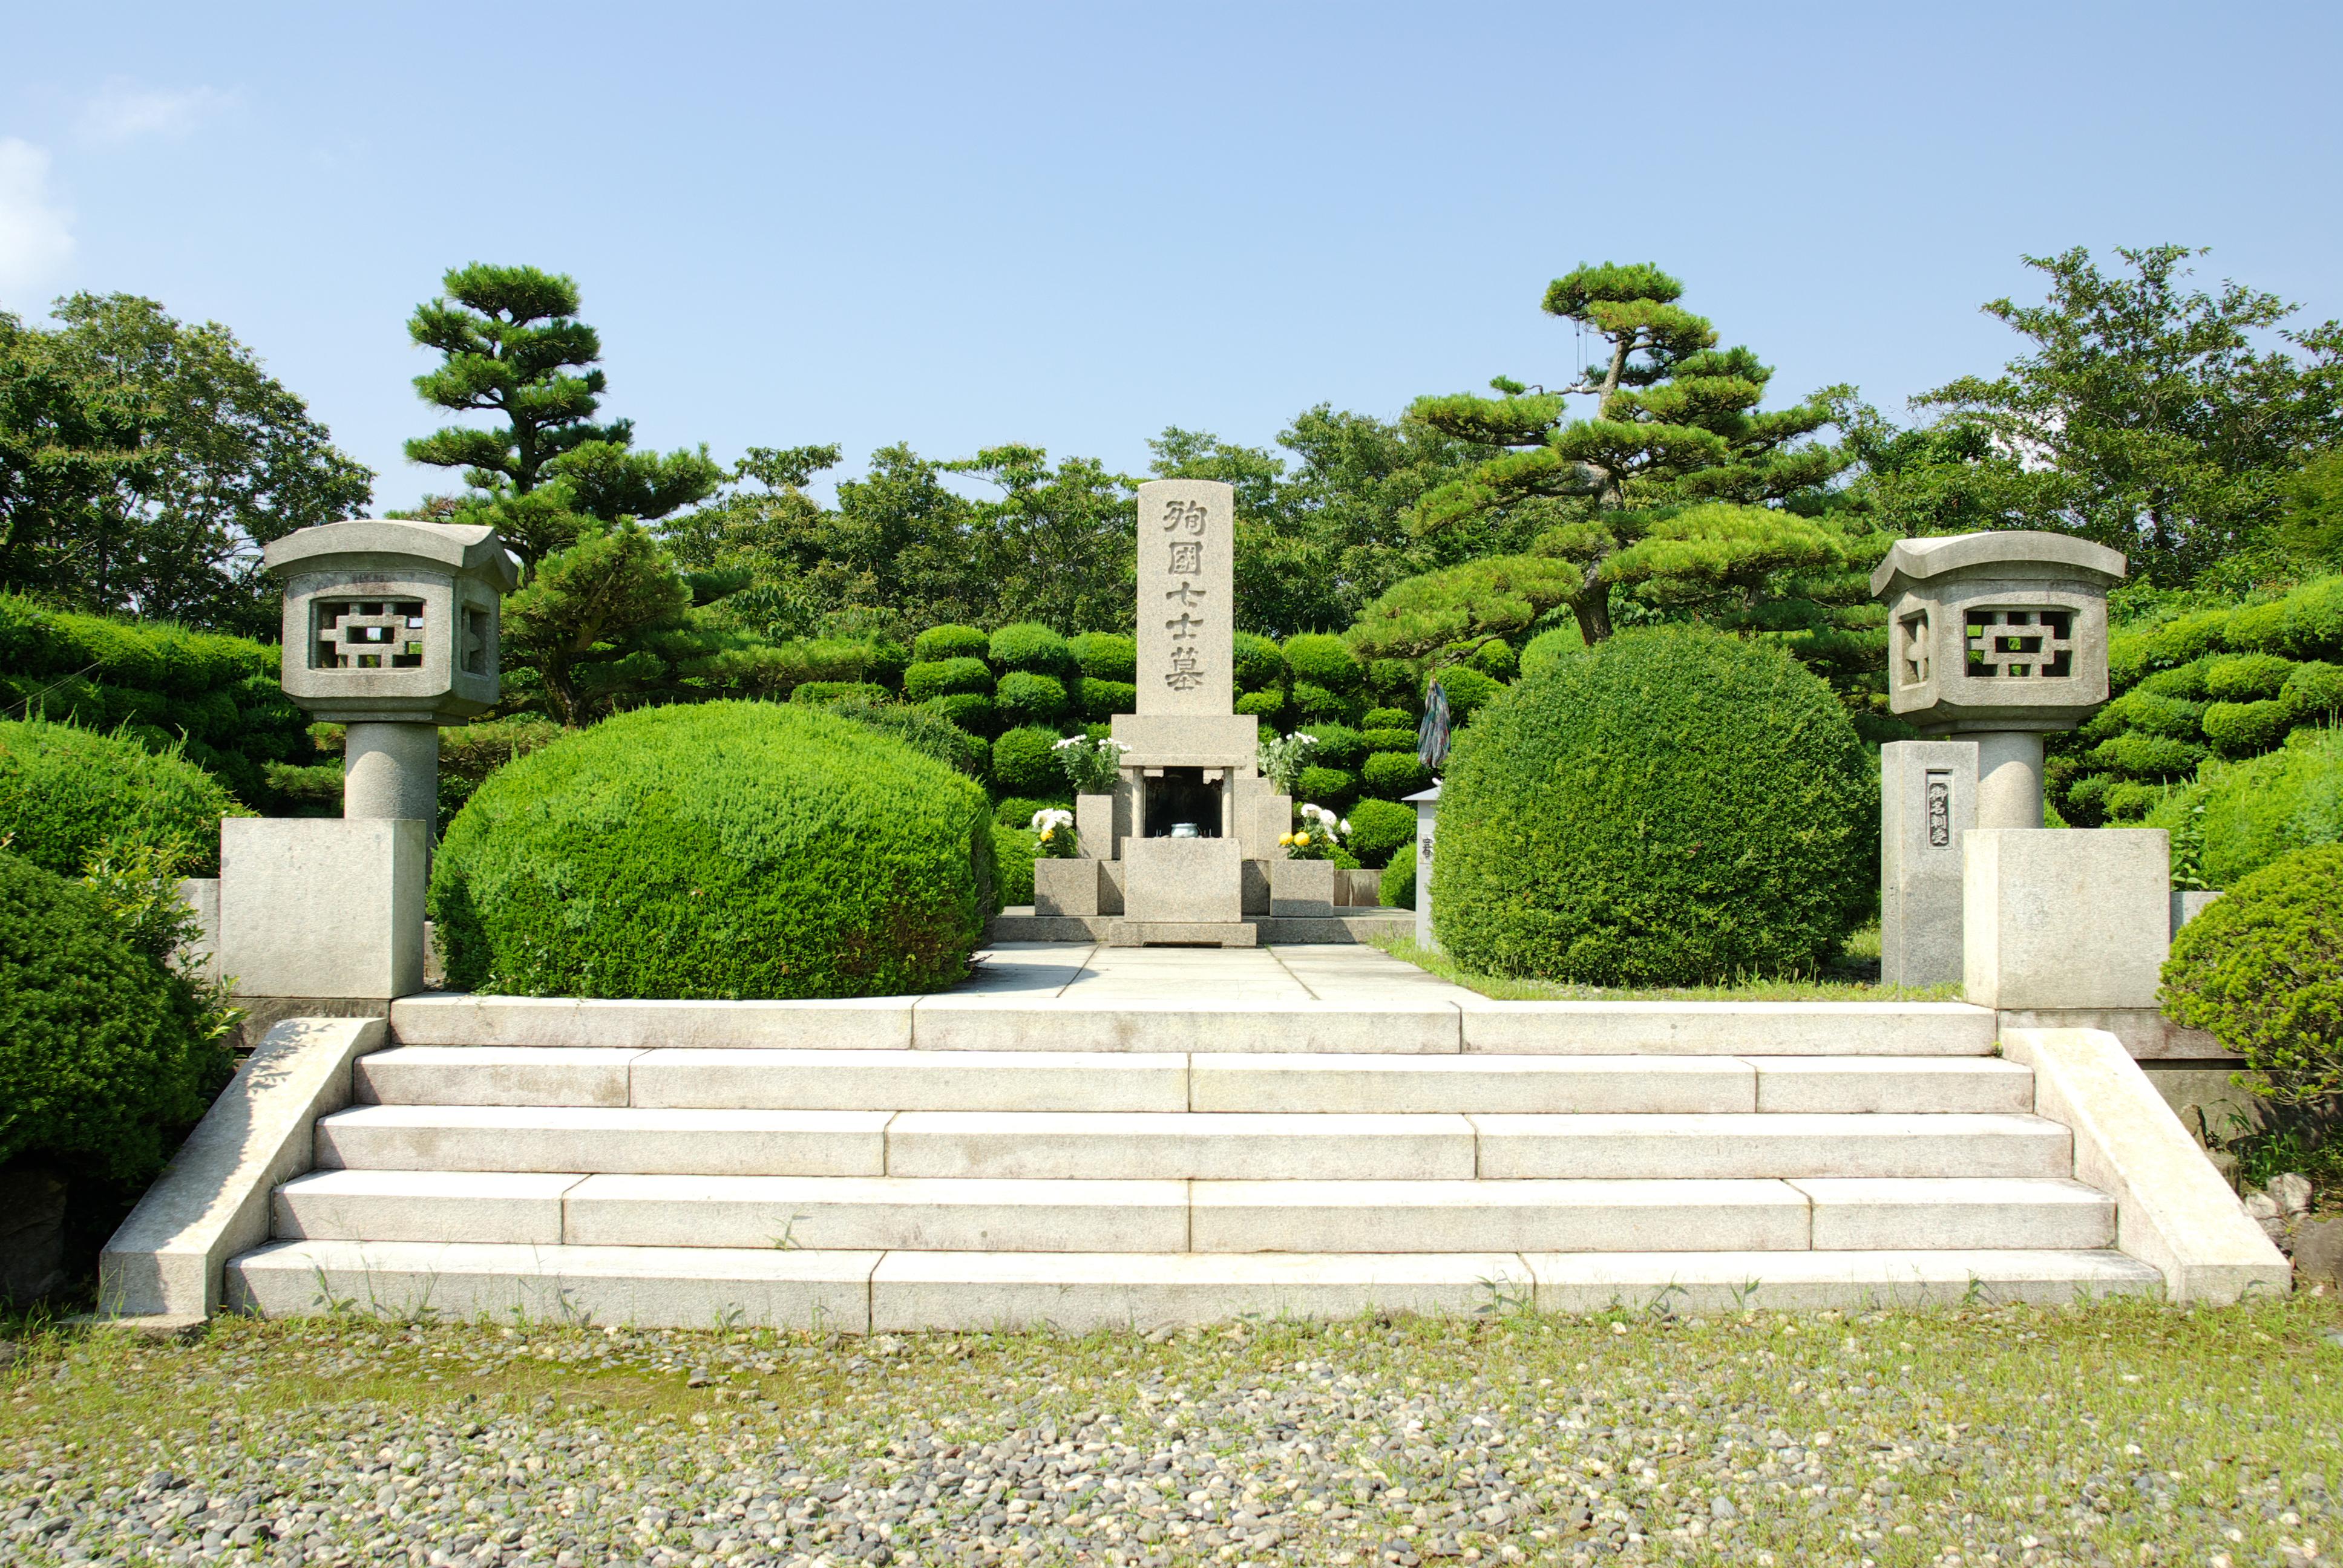 殉國七士廟(名古屋太郎@Wikipedia / CC BY-SA 3.0)